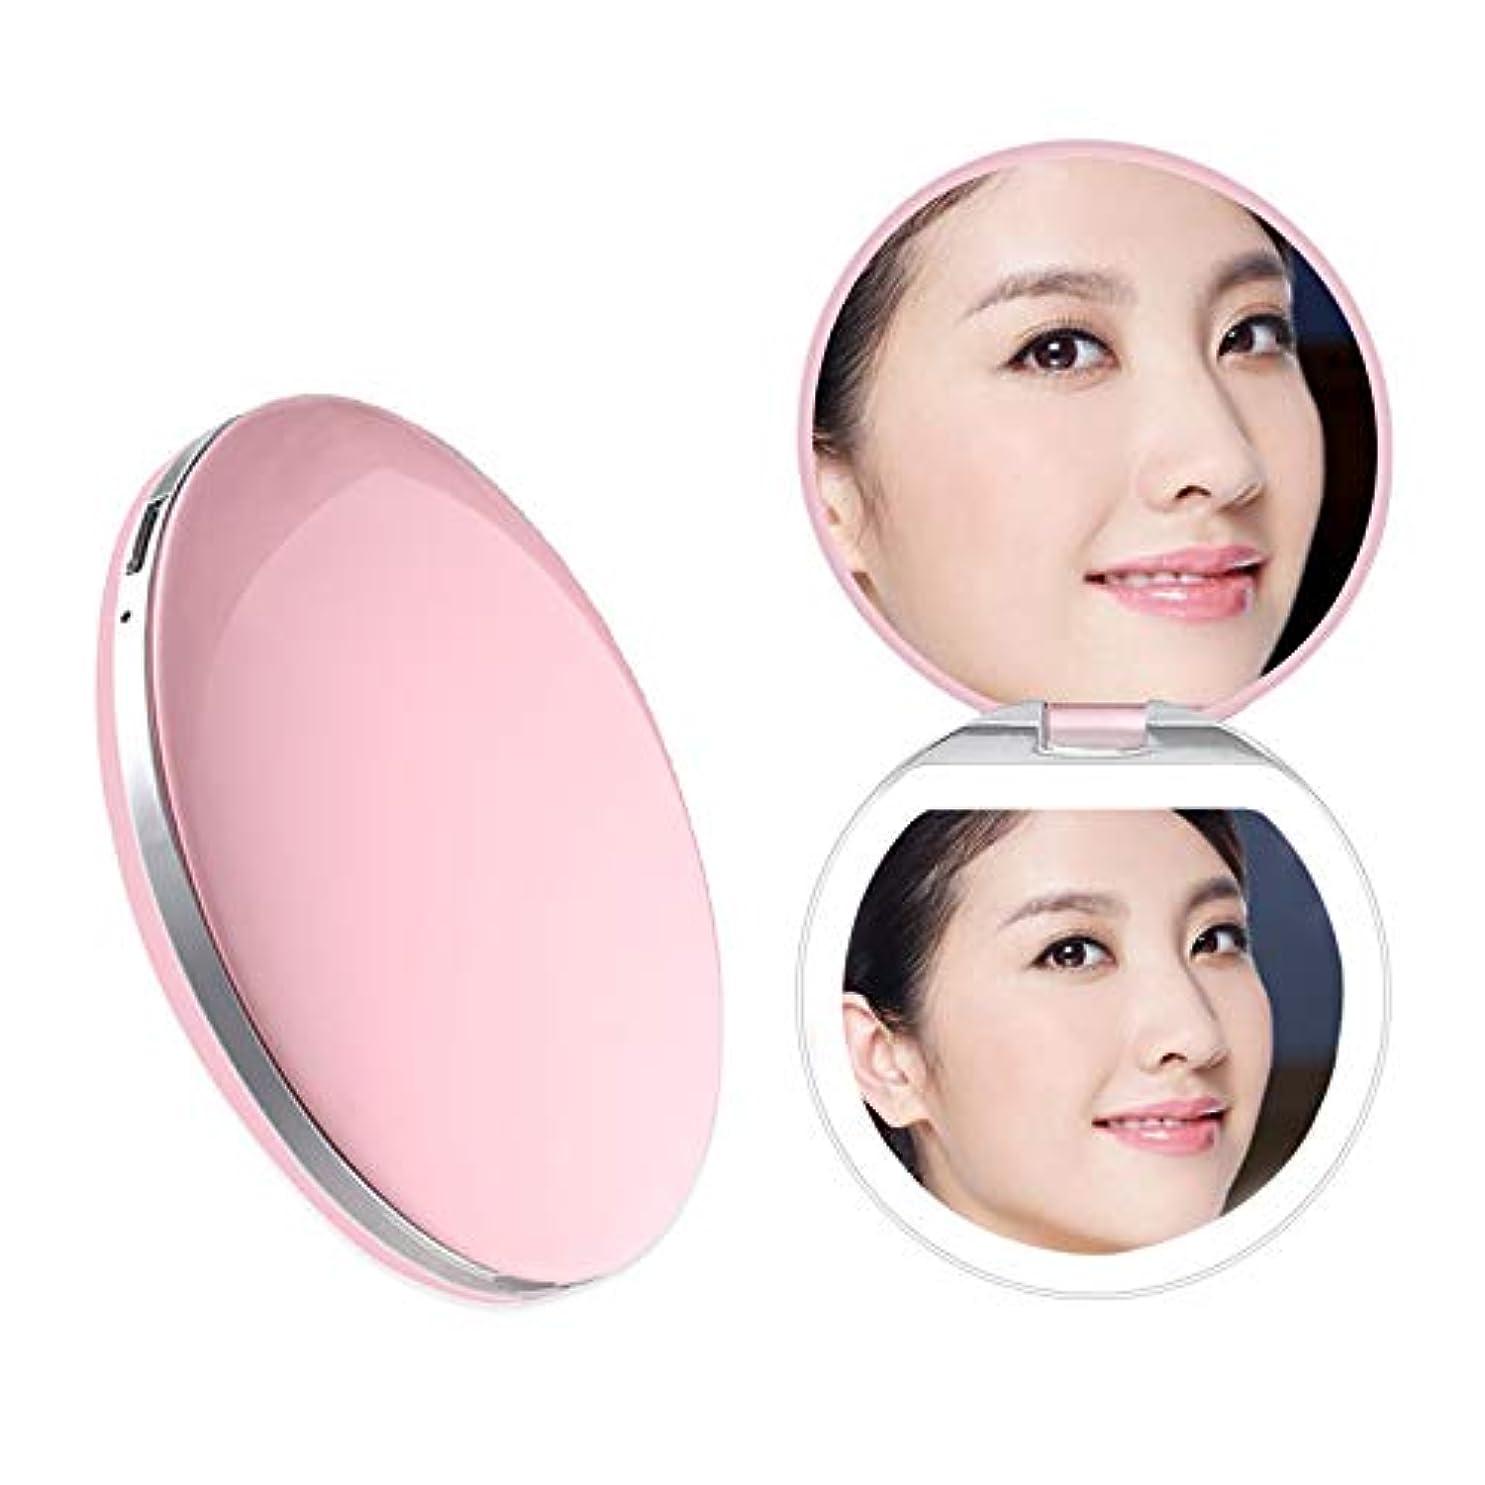 水曜日投資する定刻Heartyfly 携帯ミラー 鏡 LED手鏡  二面鏡 折り畳み式化粧鏡 メイクアップミラー usb充電 3倍拡大 持ちやすい 便利 (ピンク)